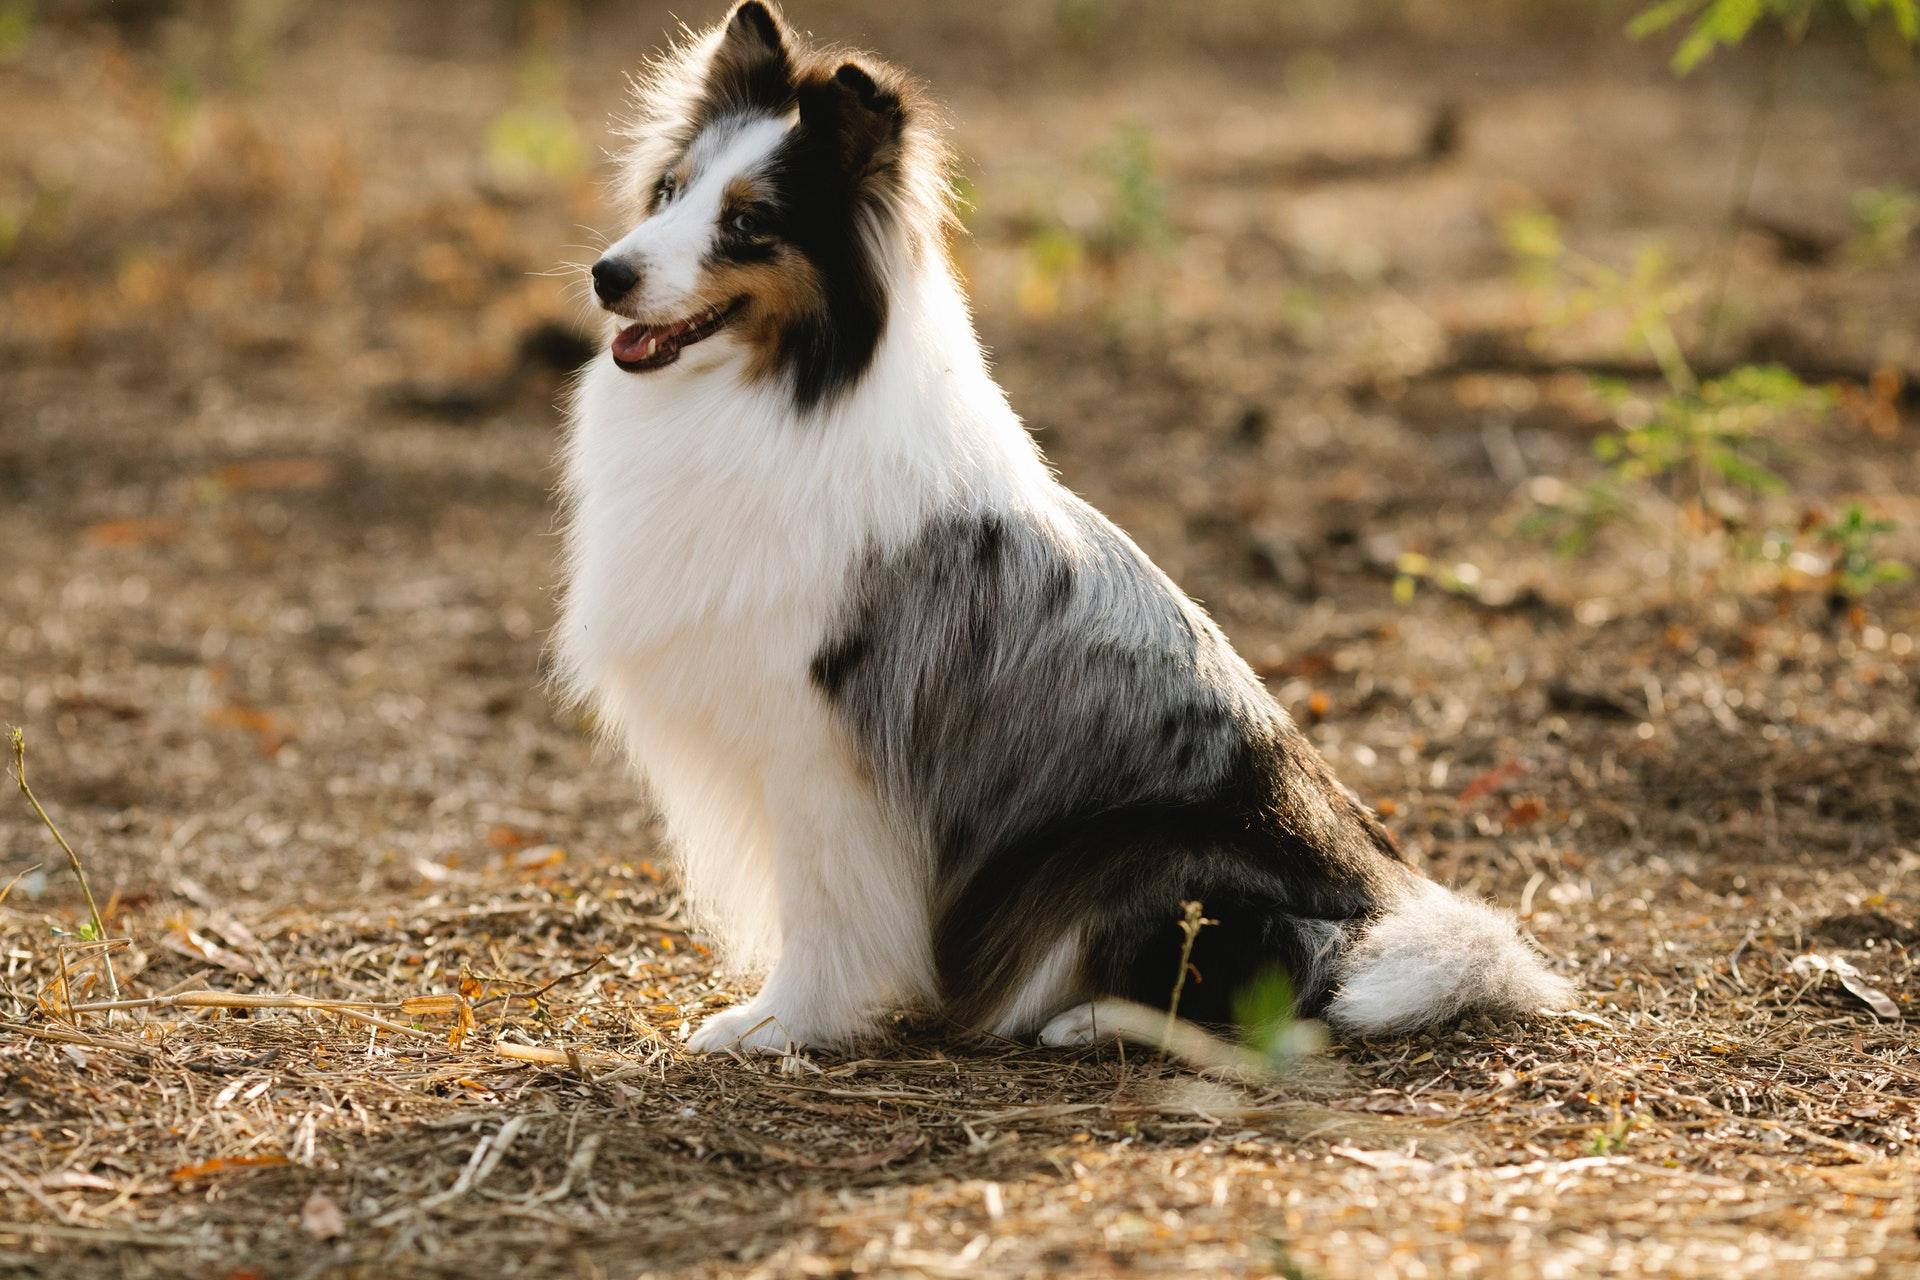 aloe vera for dogs